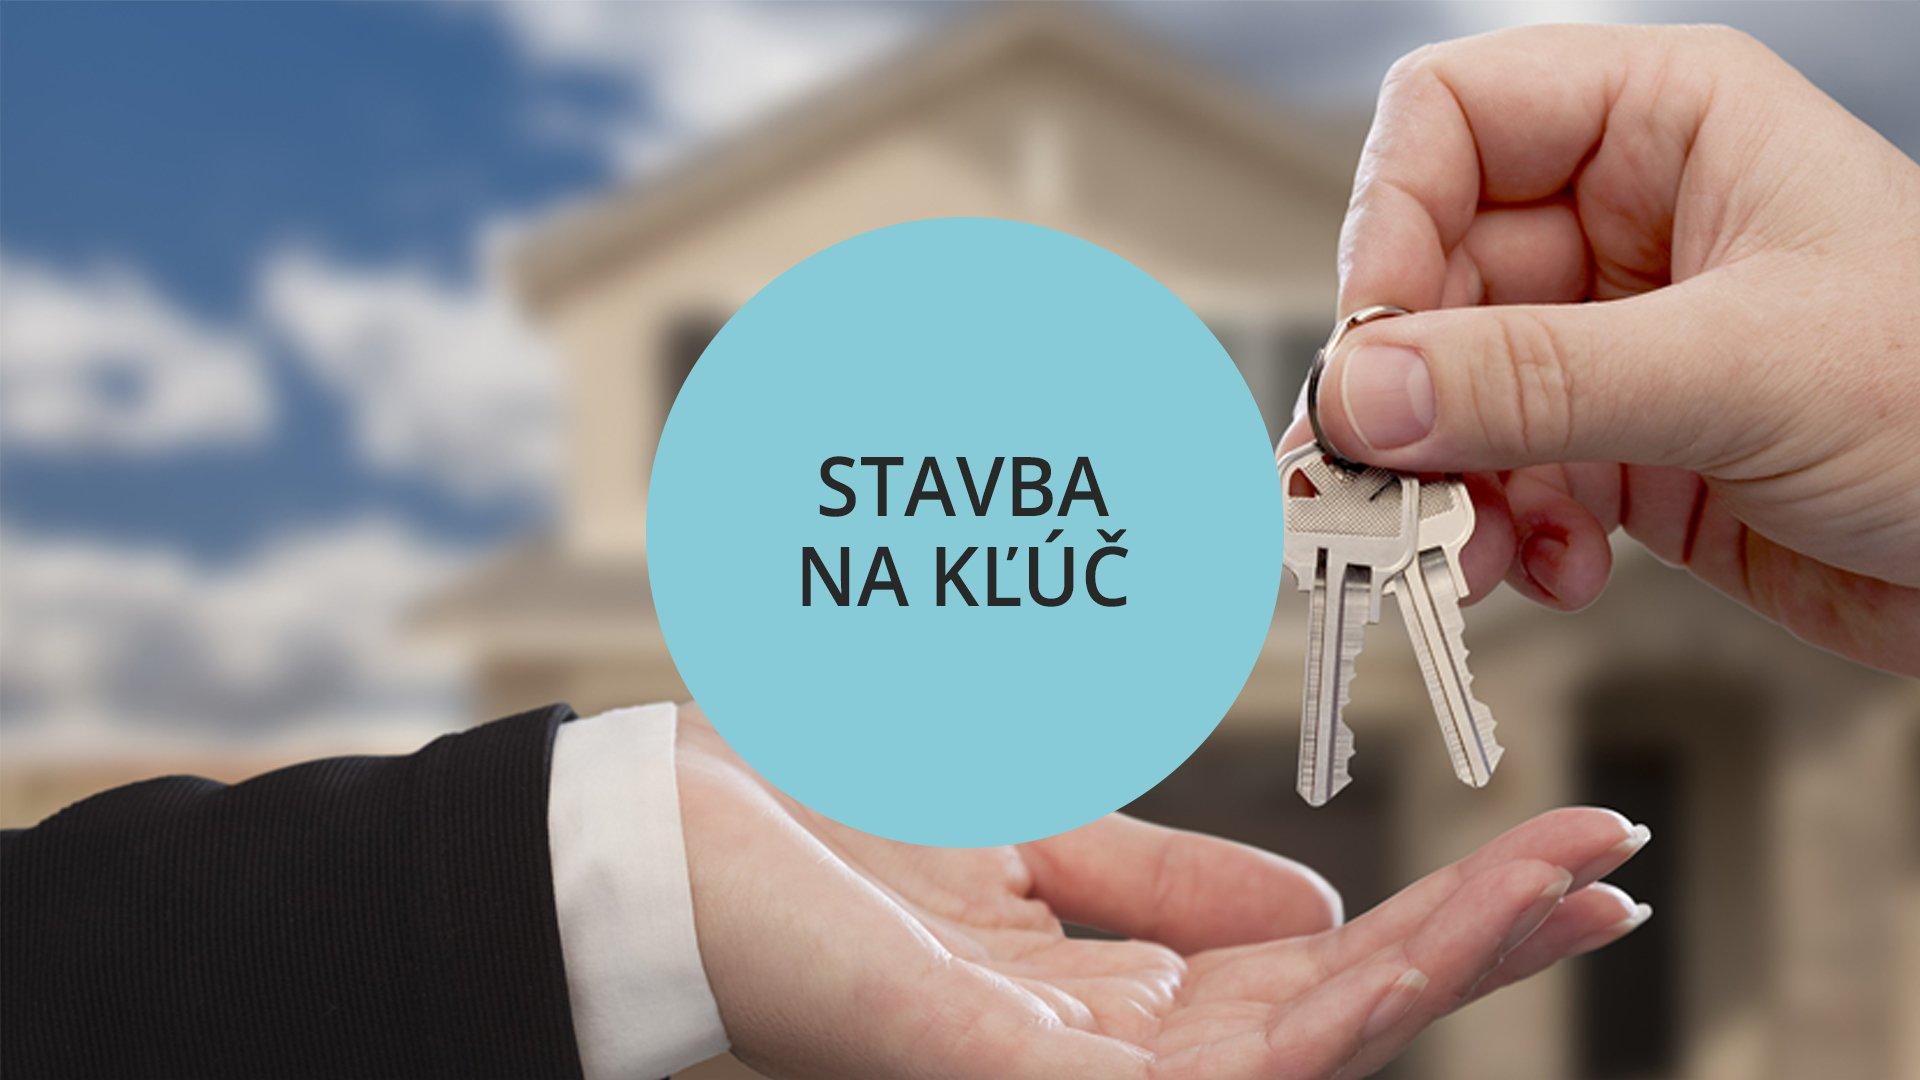 Stavba na kľúč